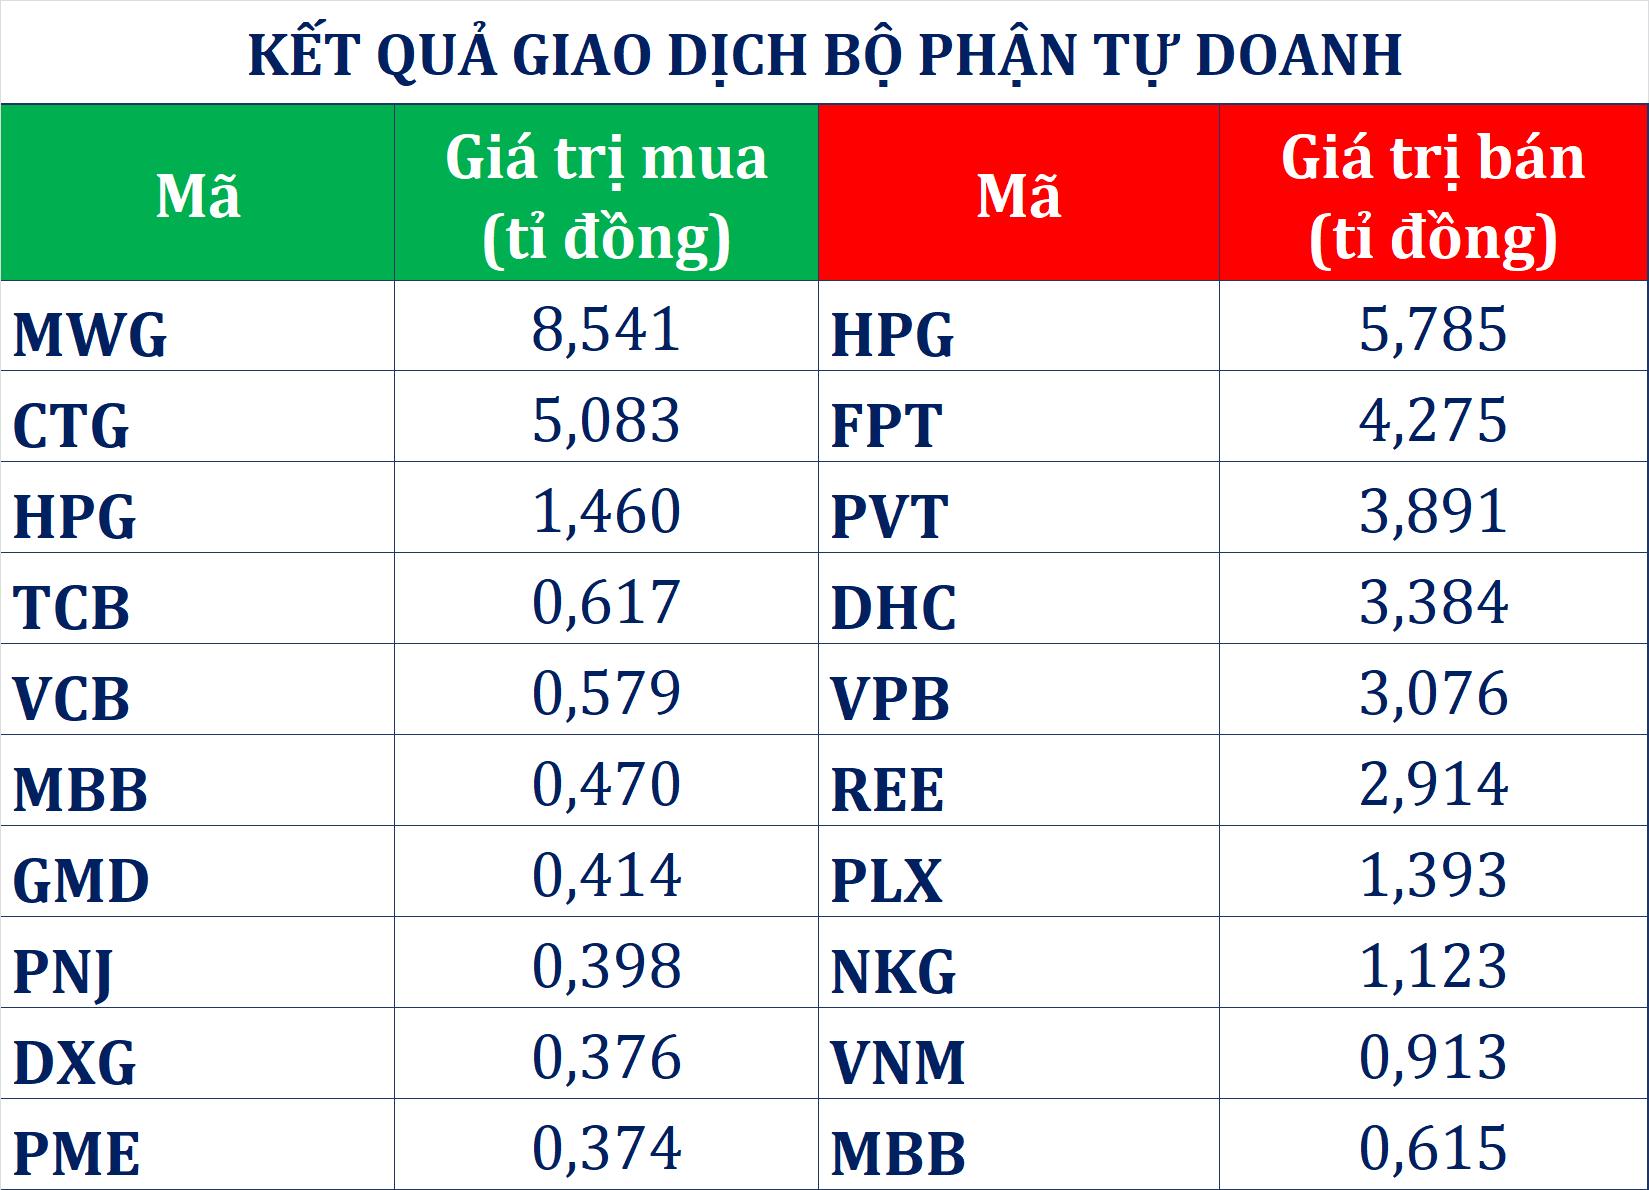 Tự doanh cùng khối ngoại xả hơn 500 tỉ đồng phiên cuối tuần, người nhà Chủ tịch Lê Viết Hải đăng kí mua 4,2 triệu cp HBC - Ảnh 1.